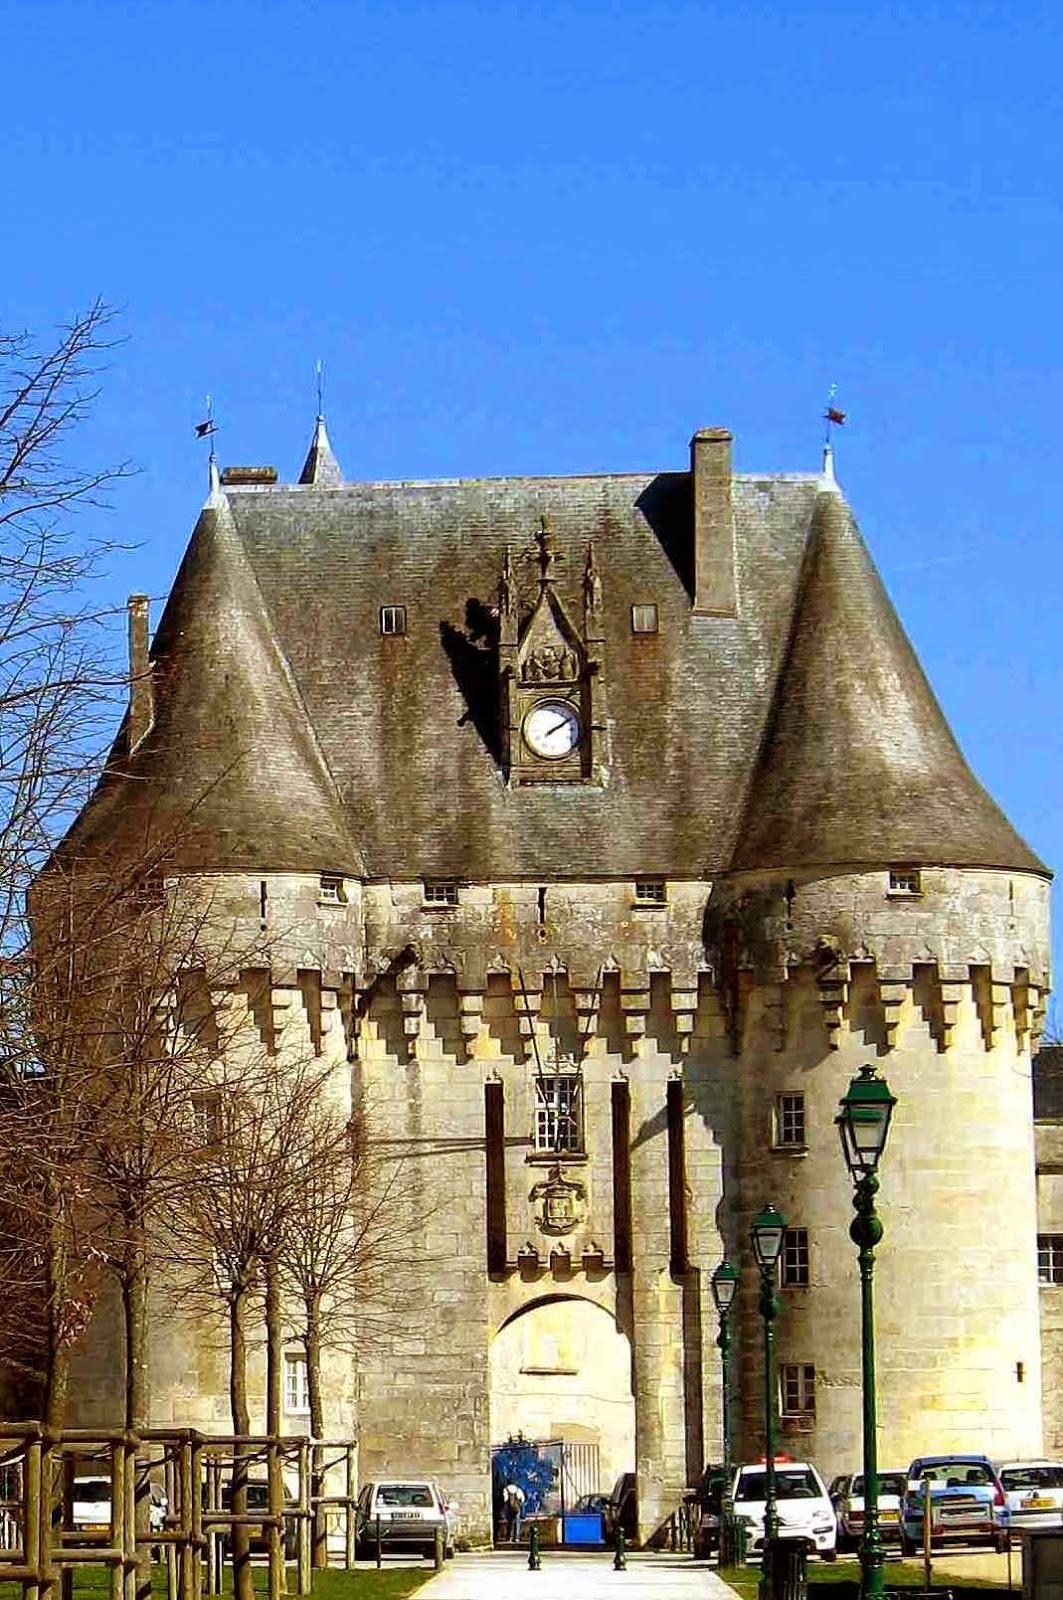 Castelo de Jonzac, Poitou-Charentes, França.